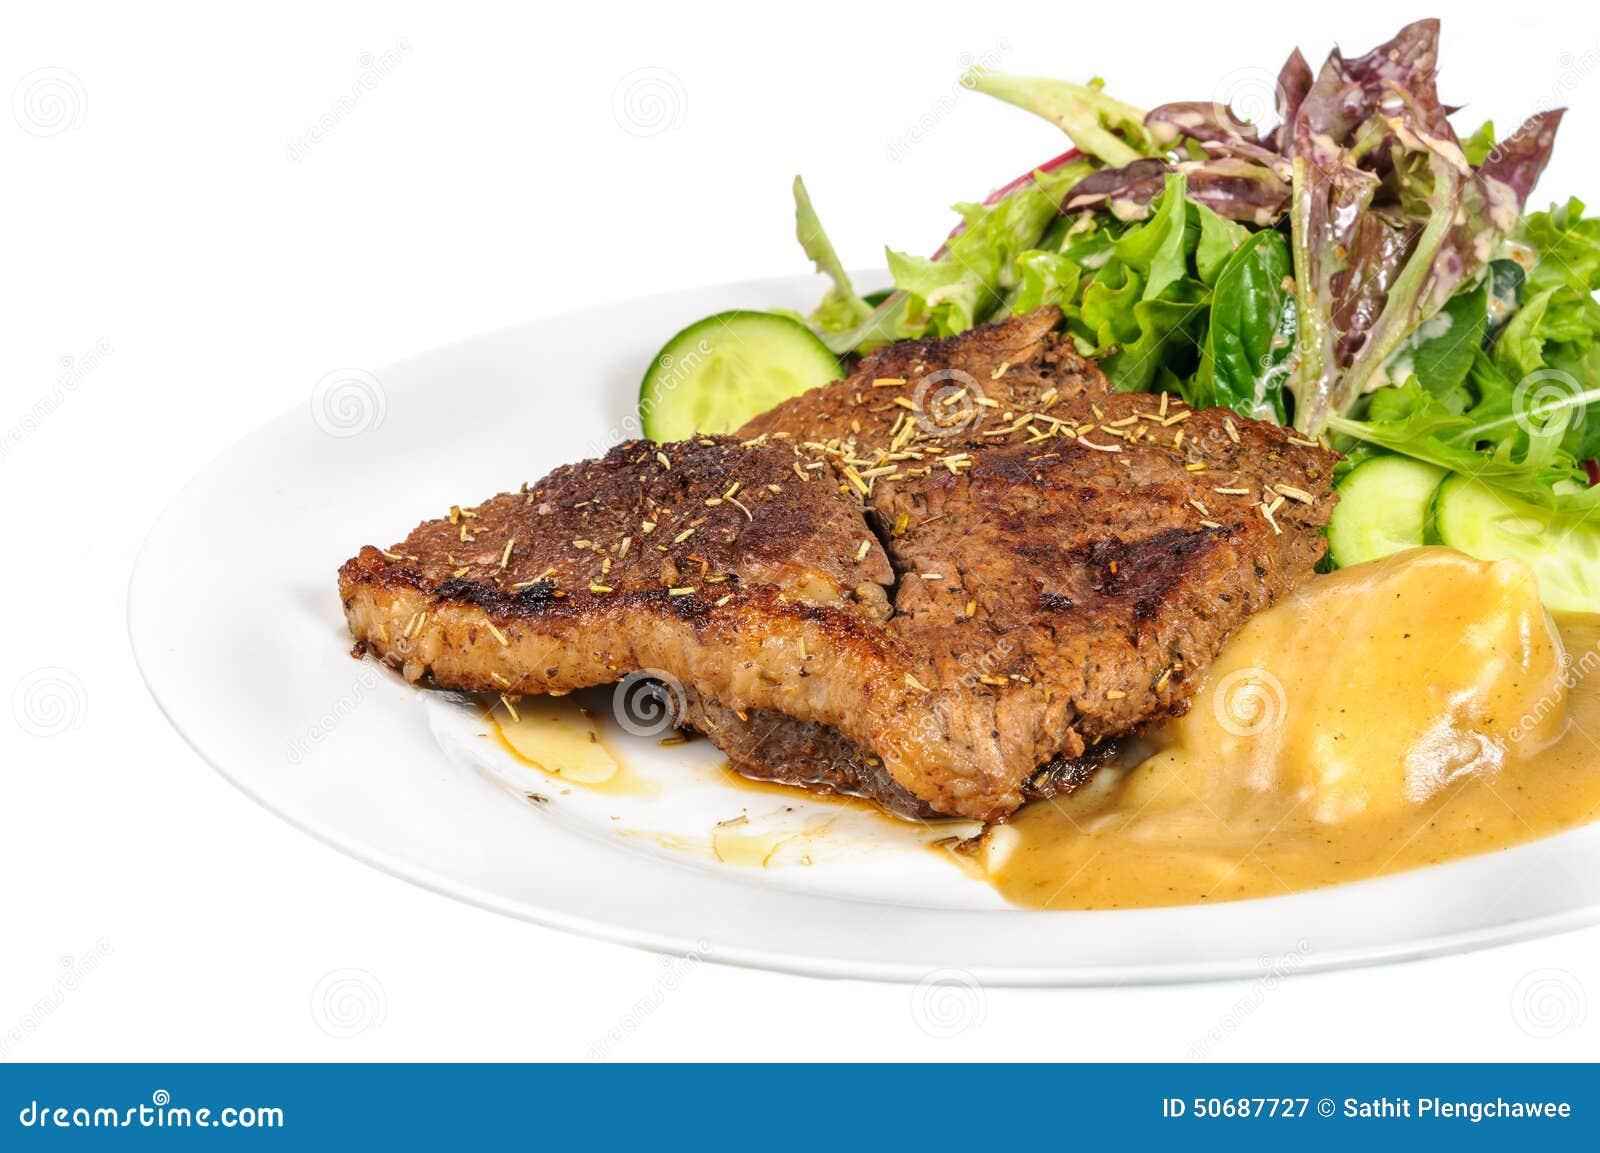 Download 臀部的牛排用土豆泥和混合菜在板材 库存图片. 图片 包括有 膳食, 内圆角, 烘烤, 牛排, 油煎, 绿色 - 50687727